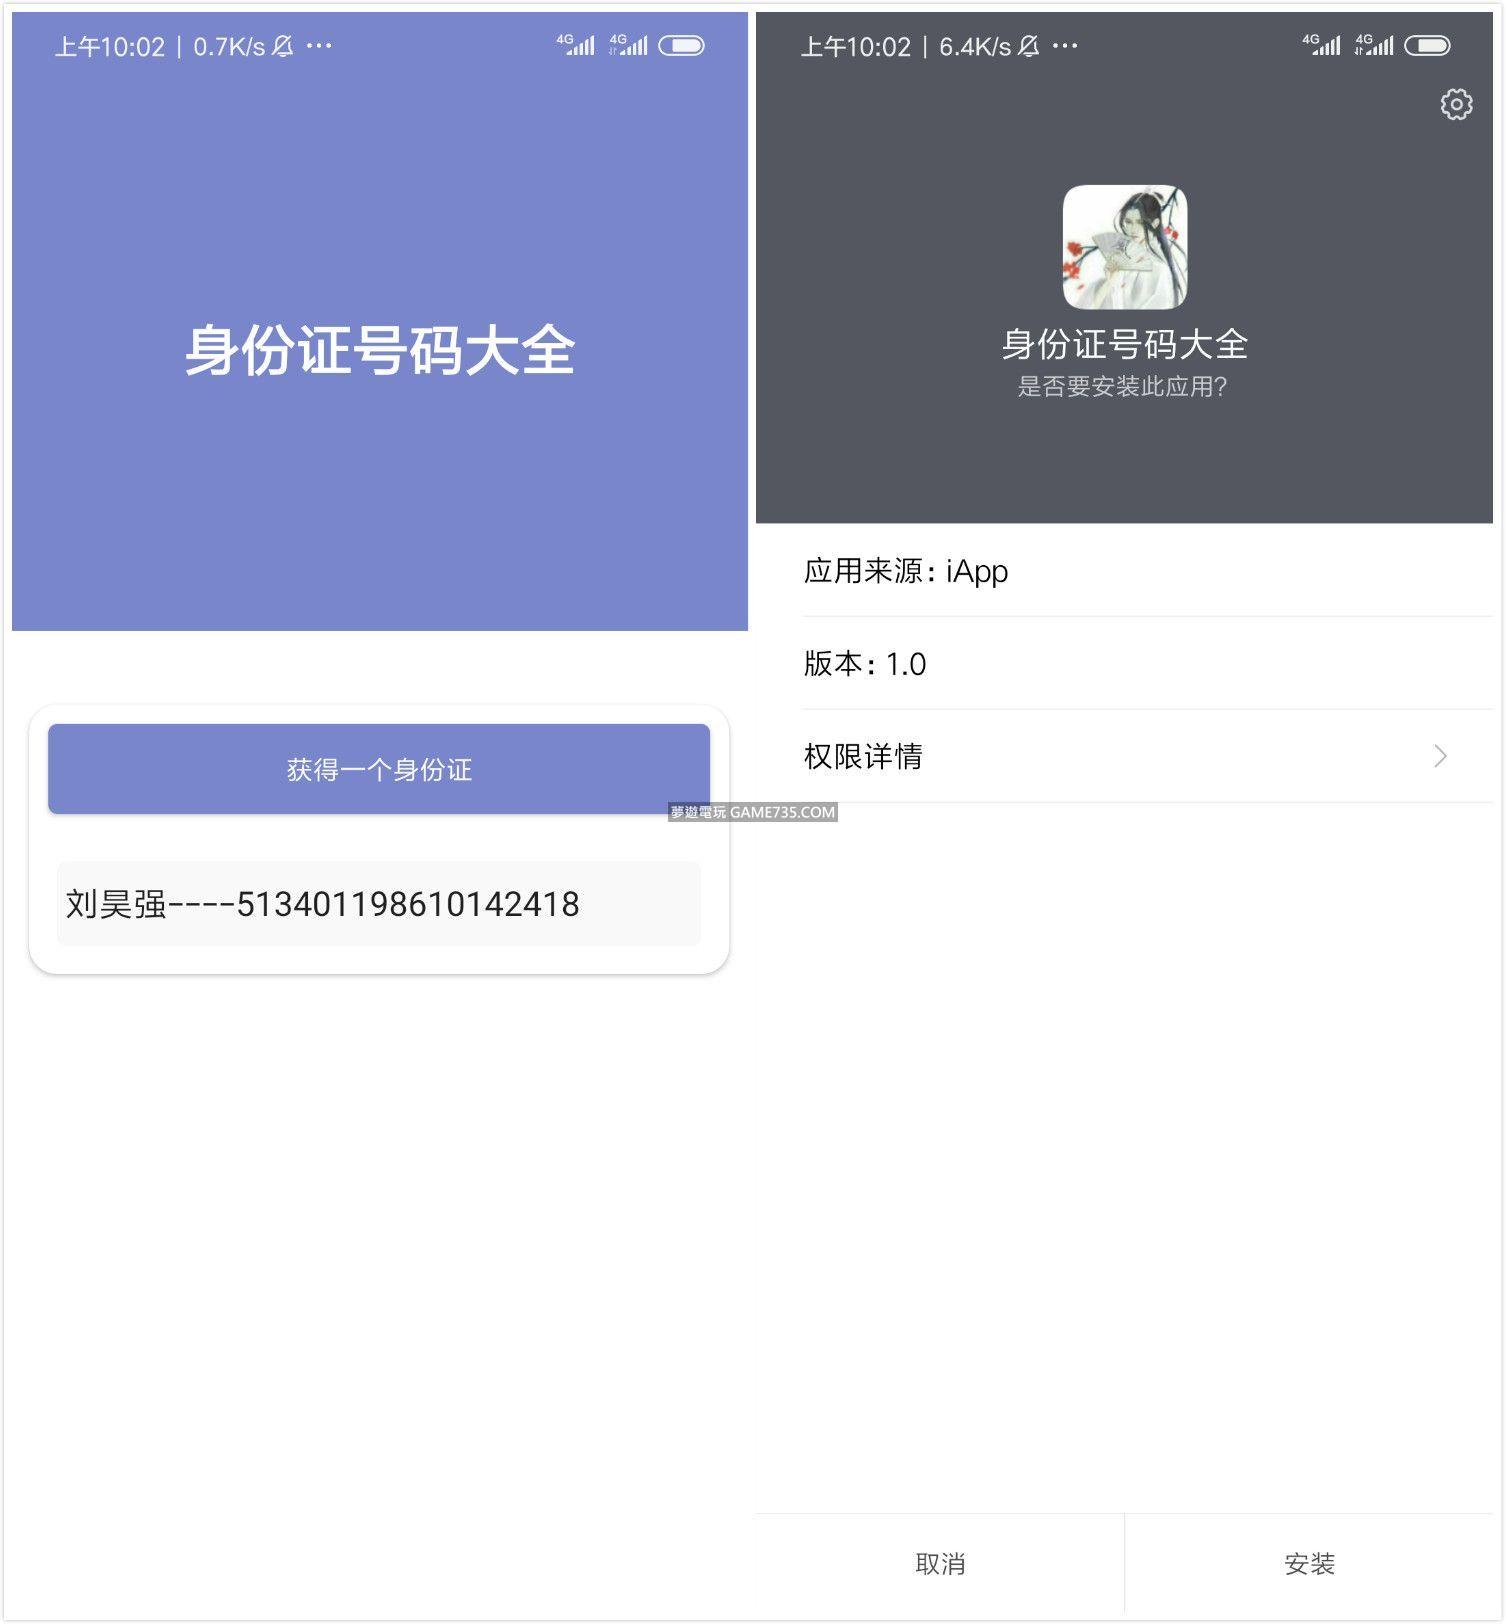 中國大陸身份證號碼大全 v1.0可用於驗證實名制使用